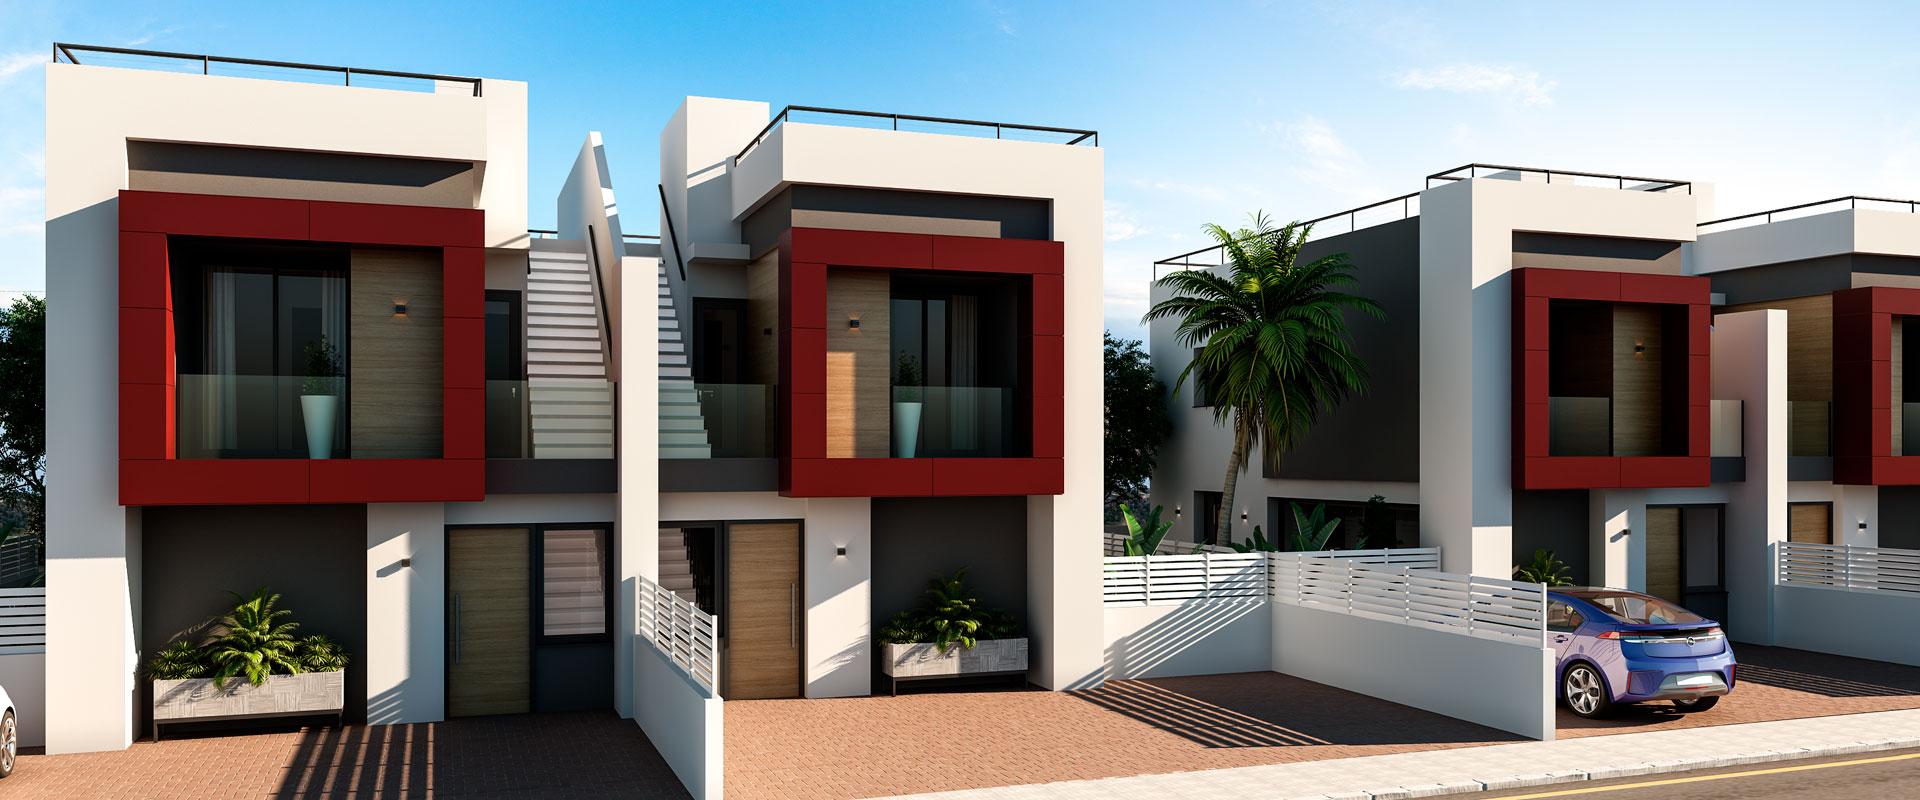 residencial tossal gross fase 3 denia asa promoción inmobiliaria